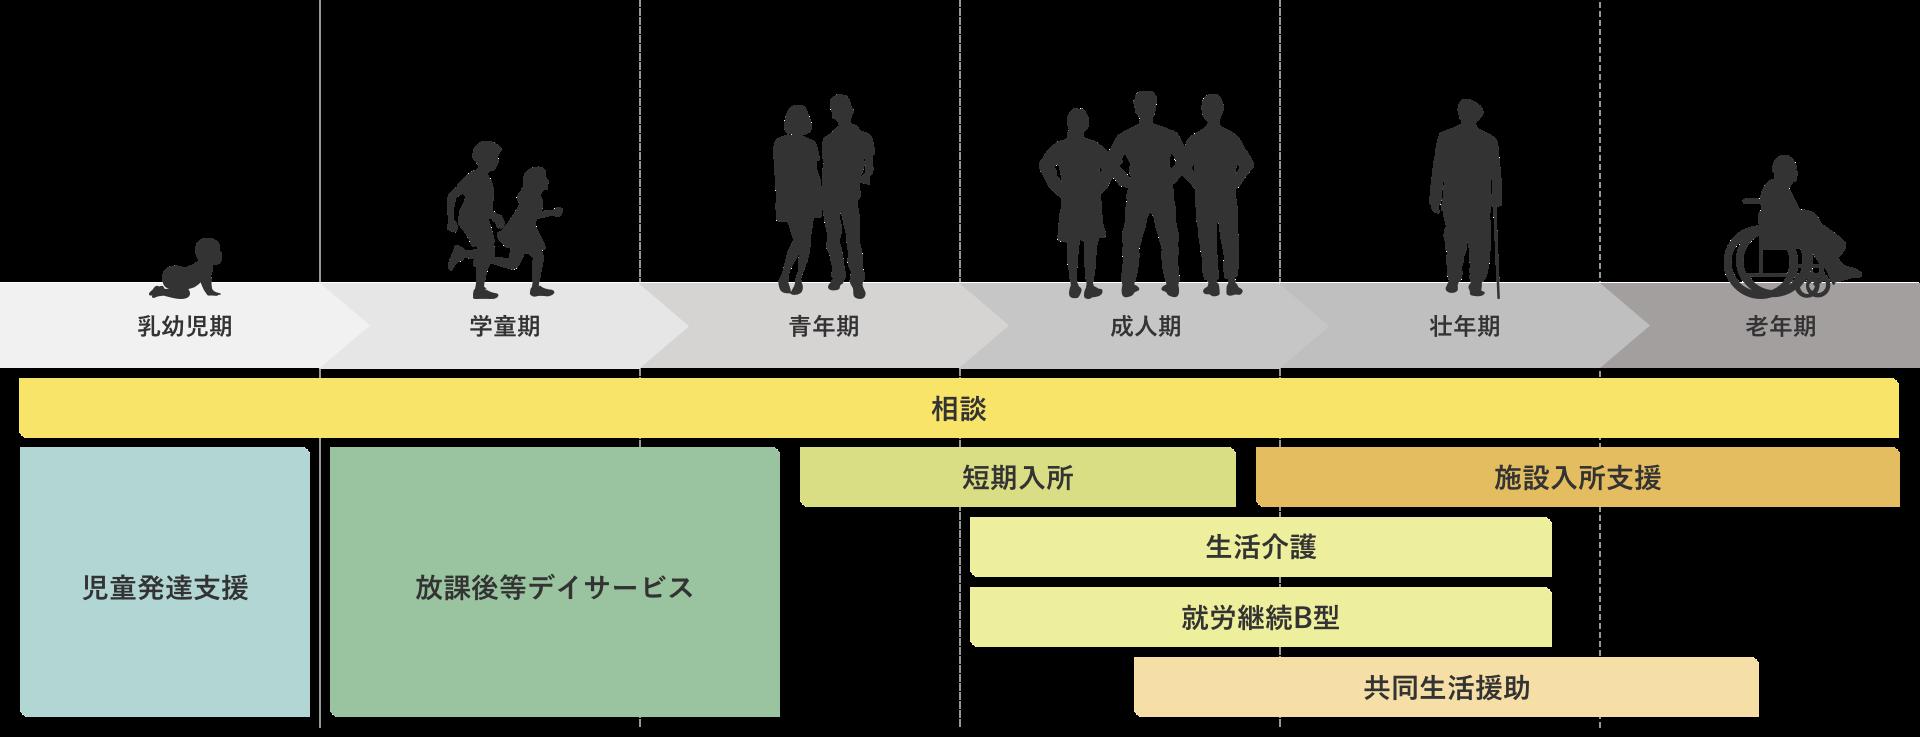 支援概念図